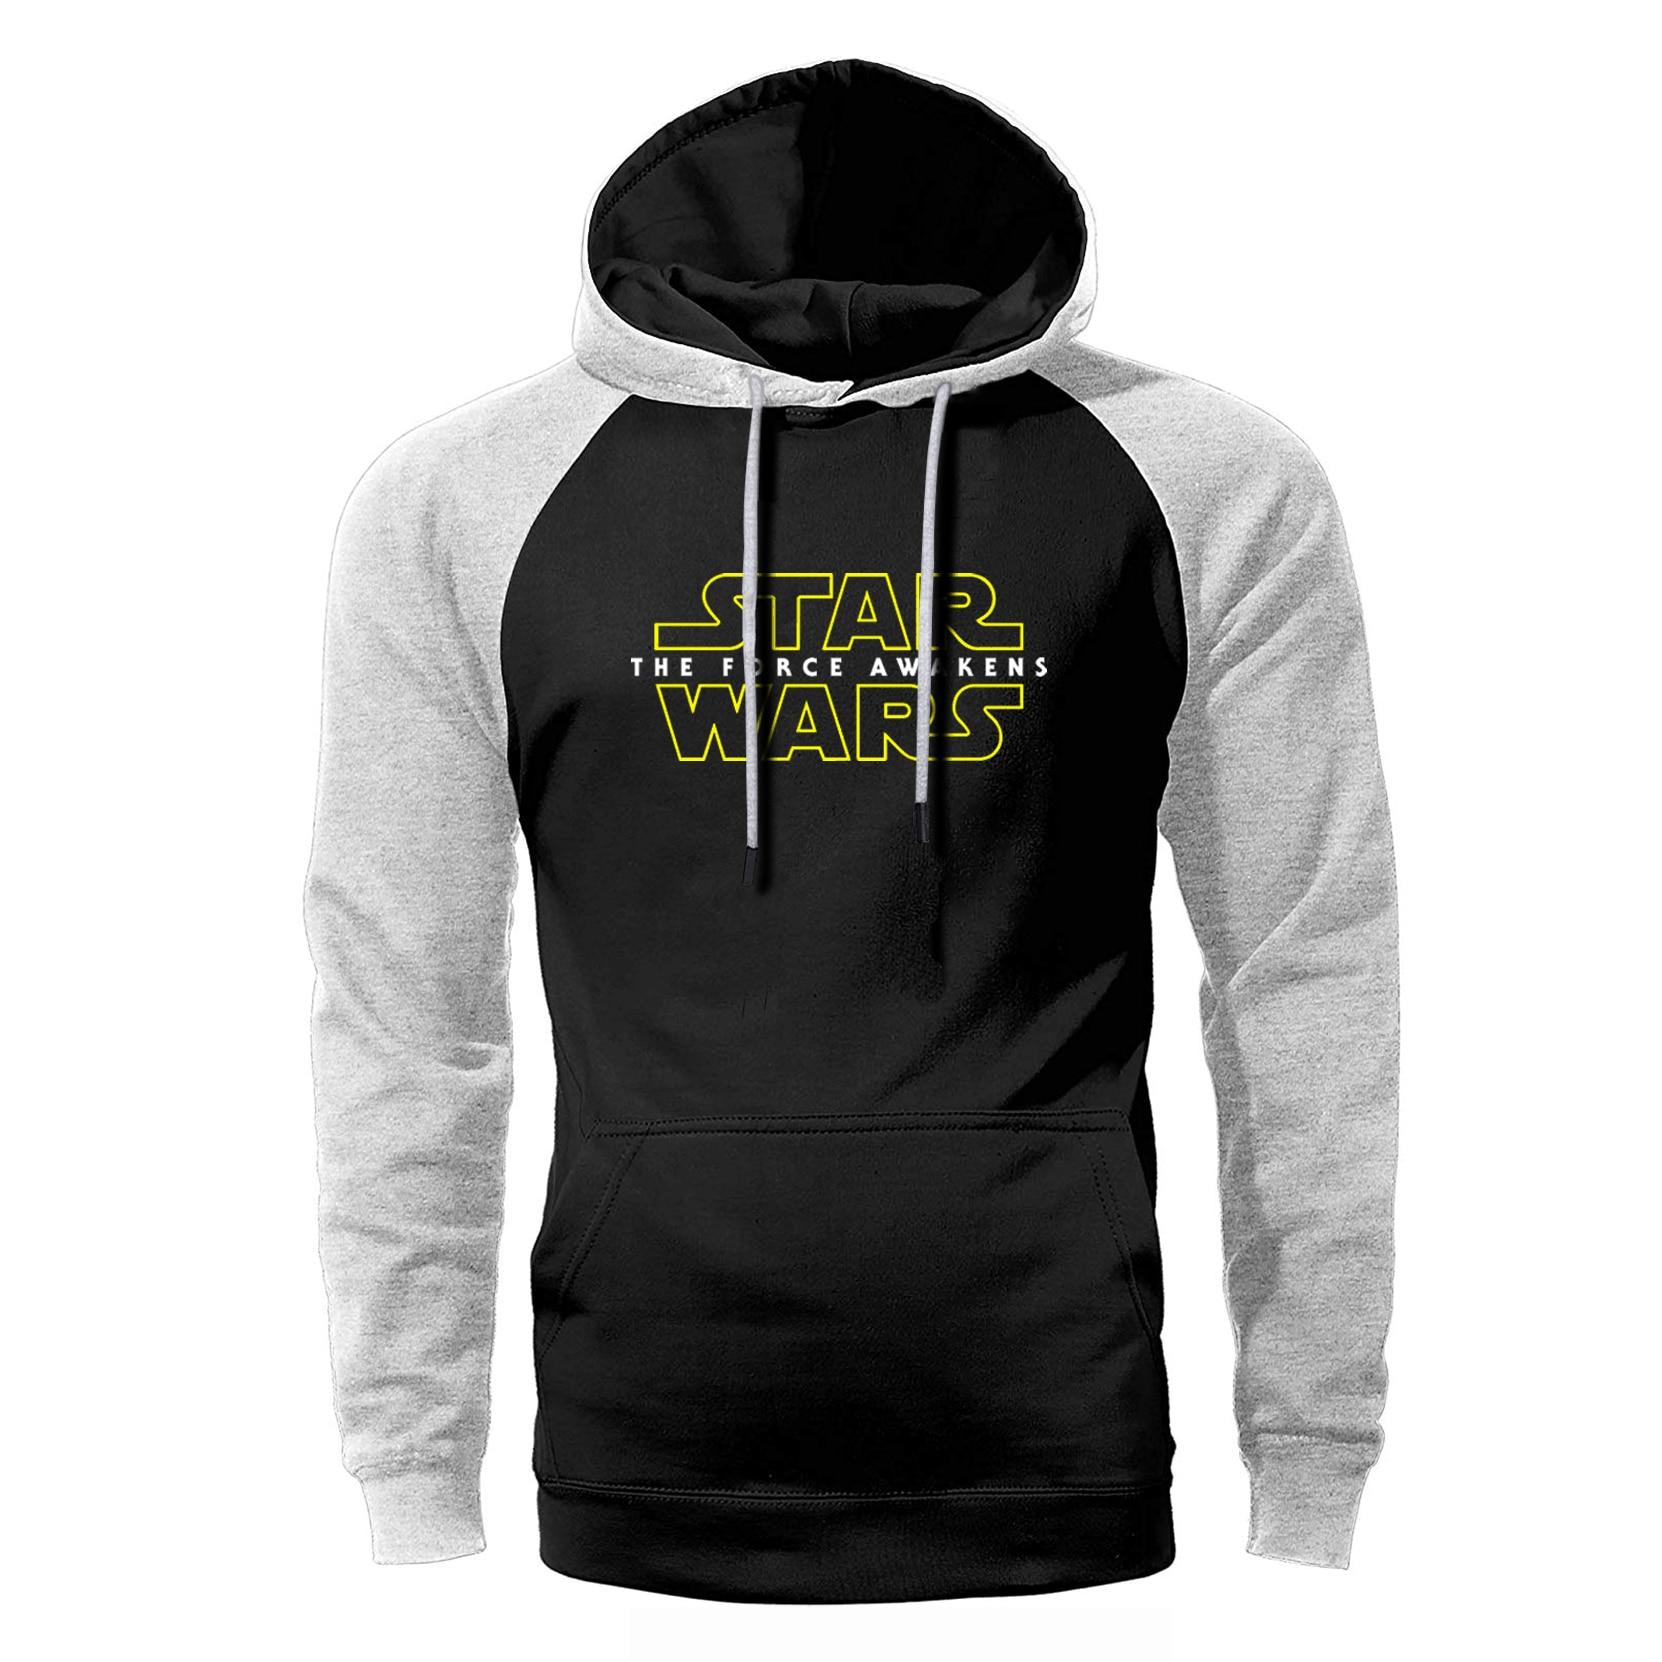 Gedisciplineerd Star Wars Force Wekt Hoodie Mannen Science Fiction Raglan Streetwear Sweatshirts 2019 Lente Herfst Fleece Warm Losse Sportkleding